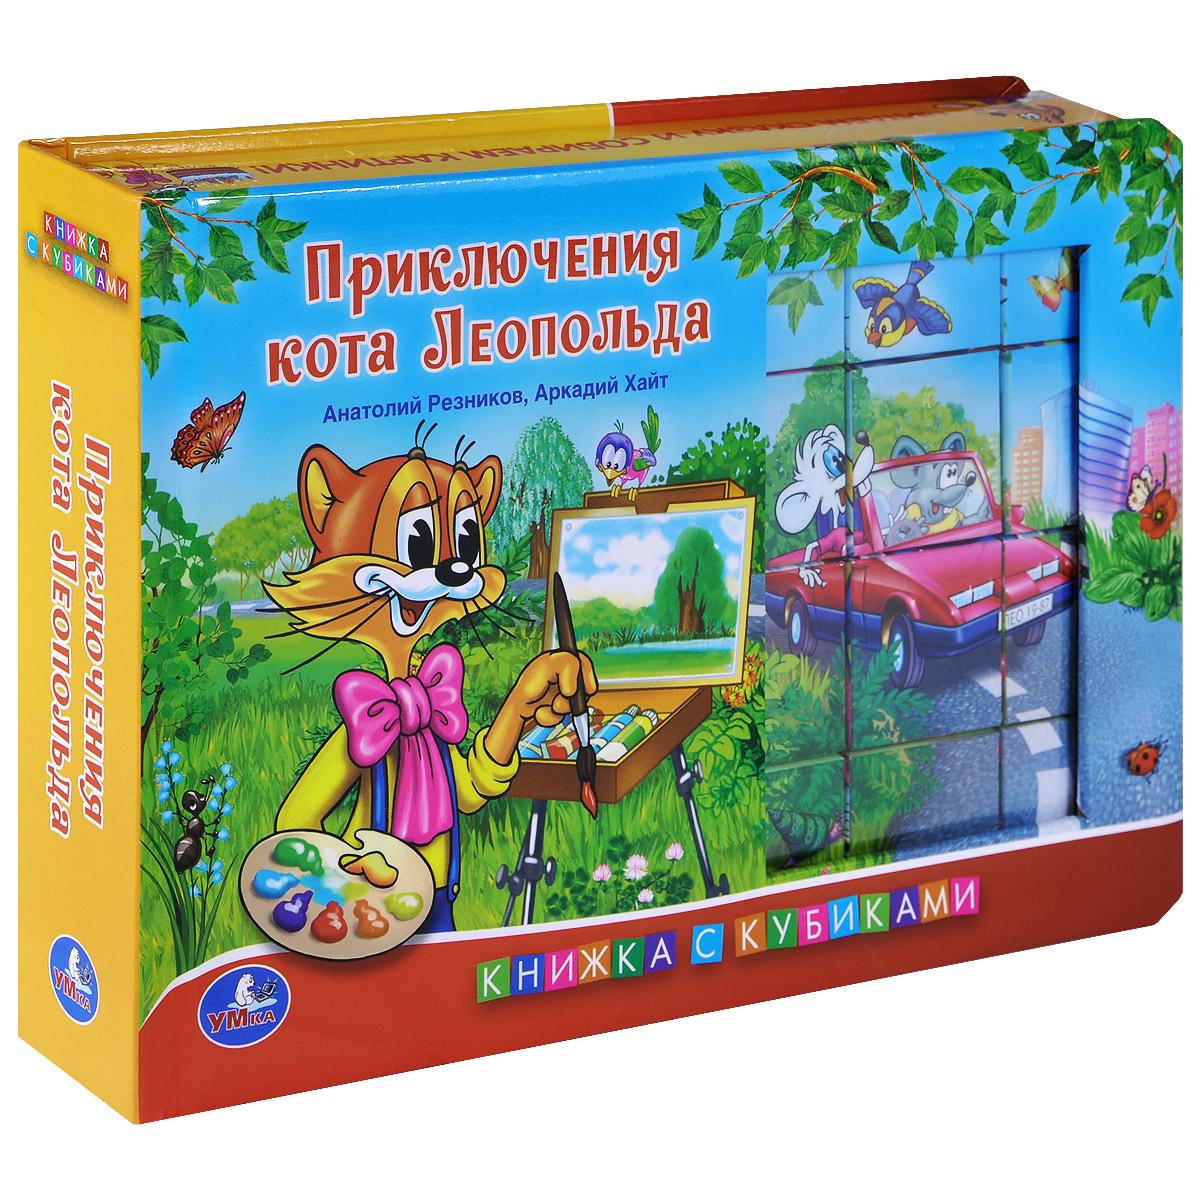 Приключения кота Леопольда. Книжка-игрушка